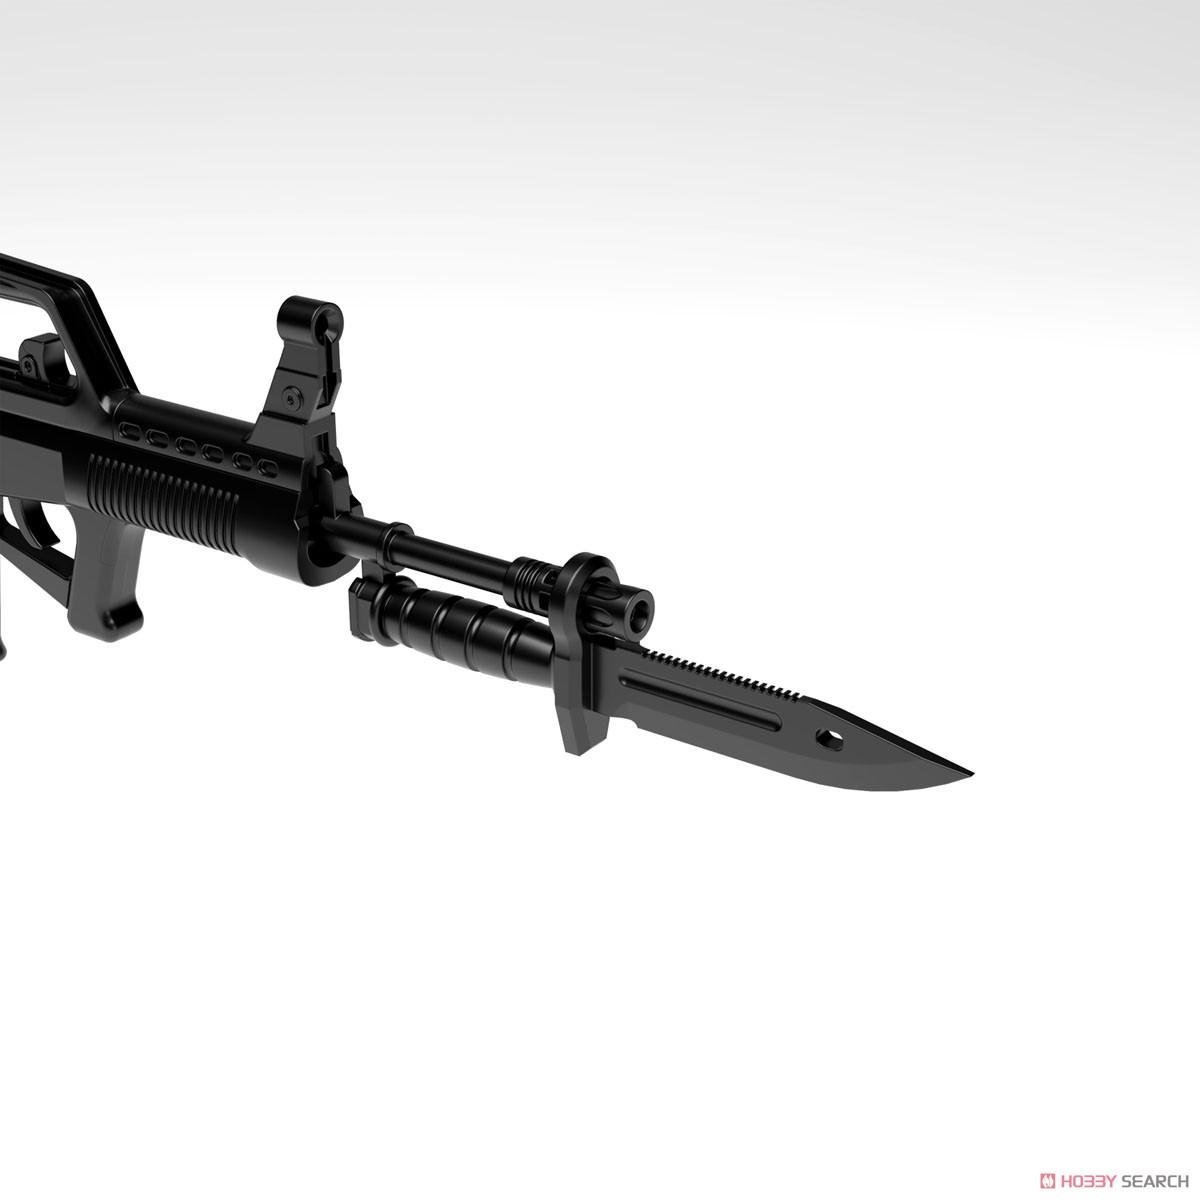 リトルアーモリー LADF01『ドールズフロントライン95式自動歩槍タイプ』1/12 プラモデル-009